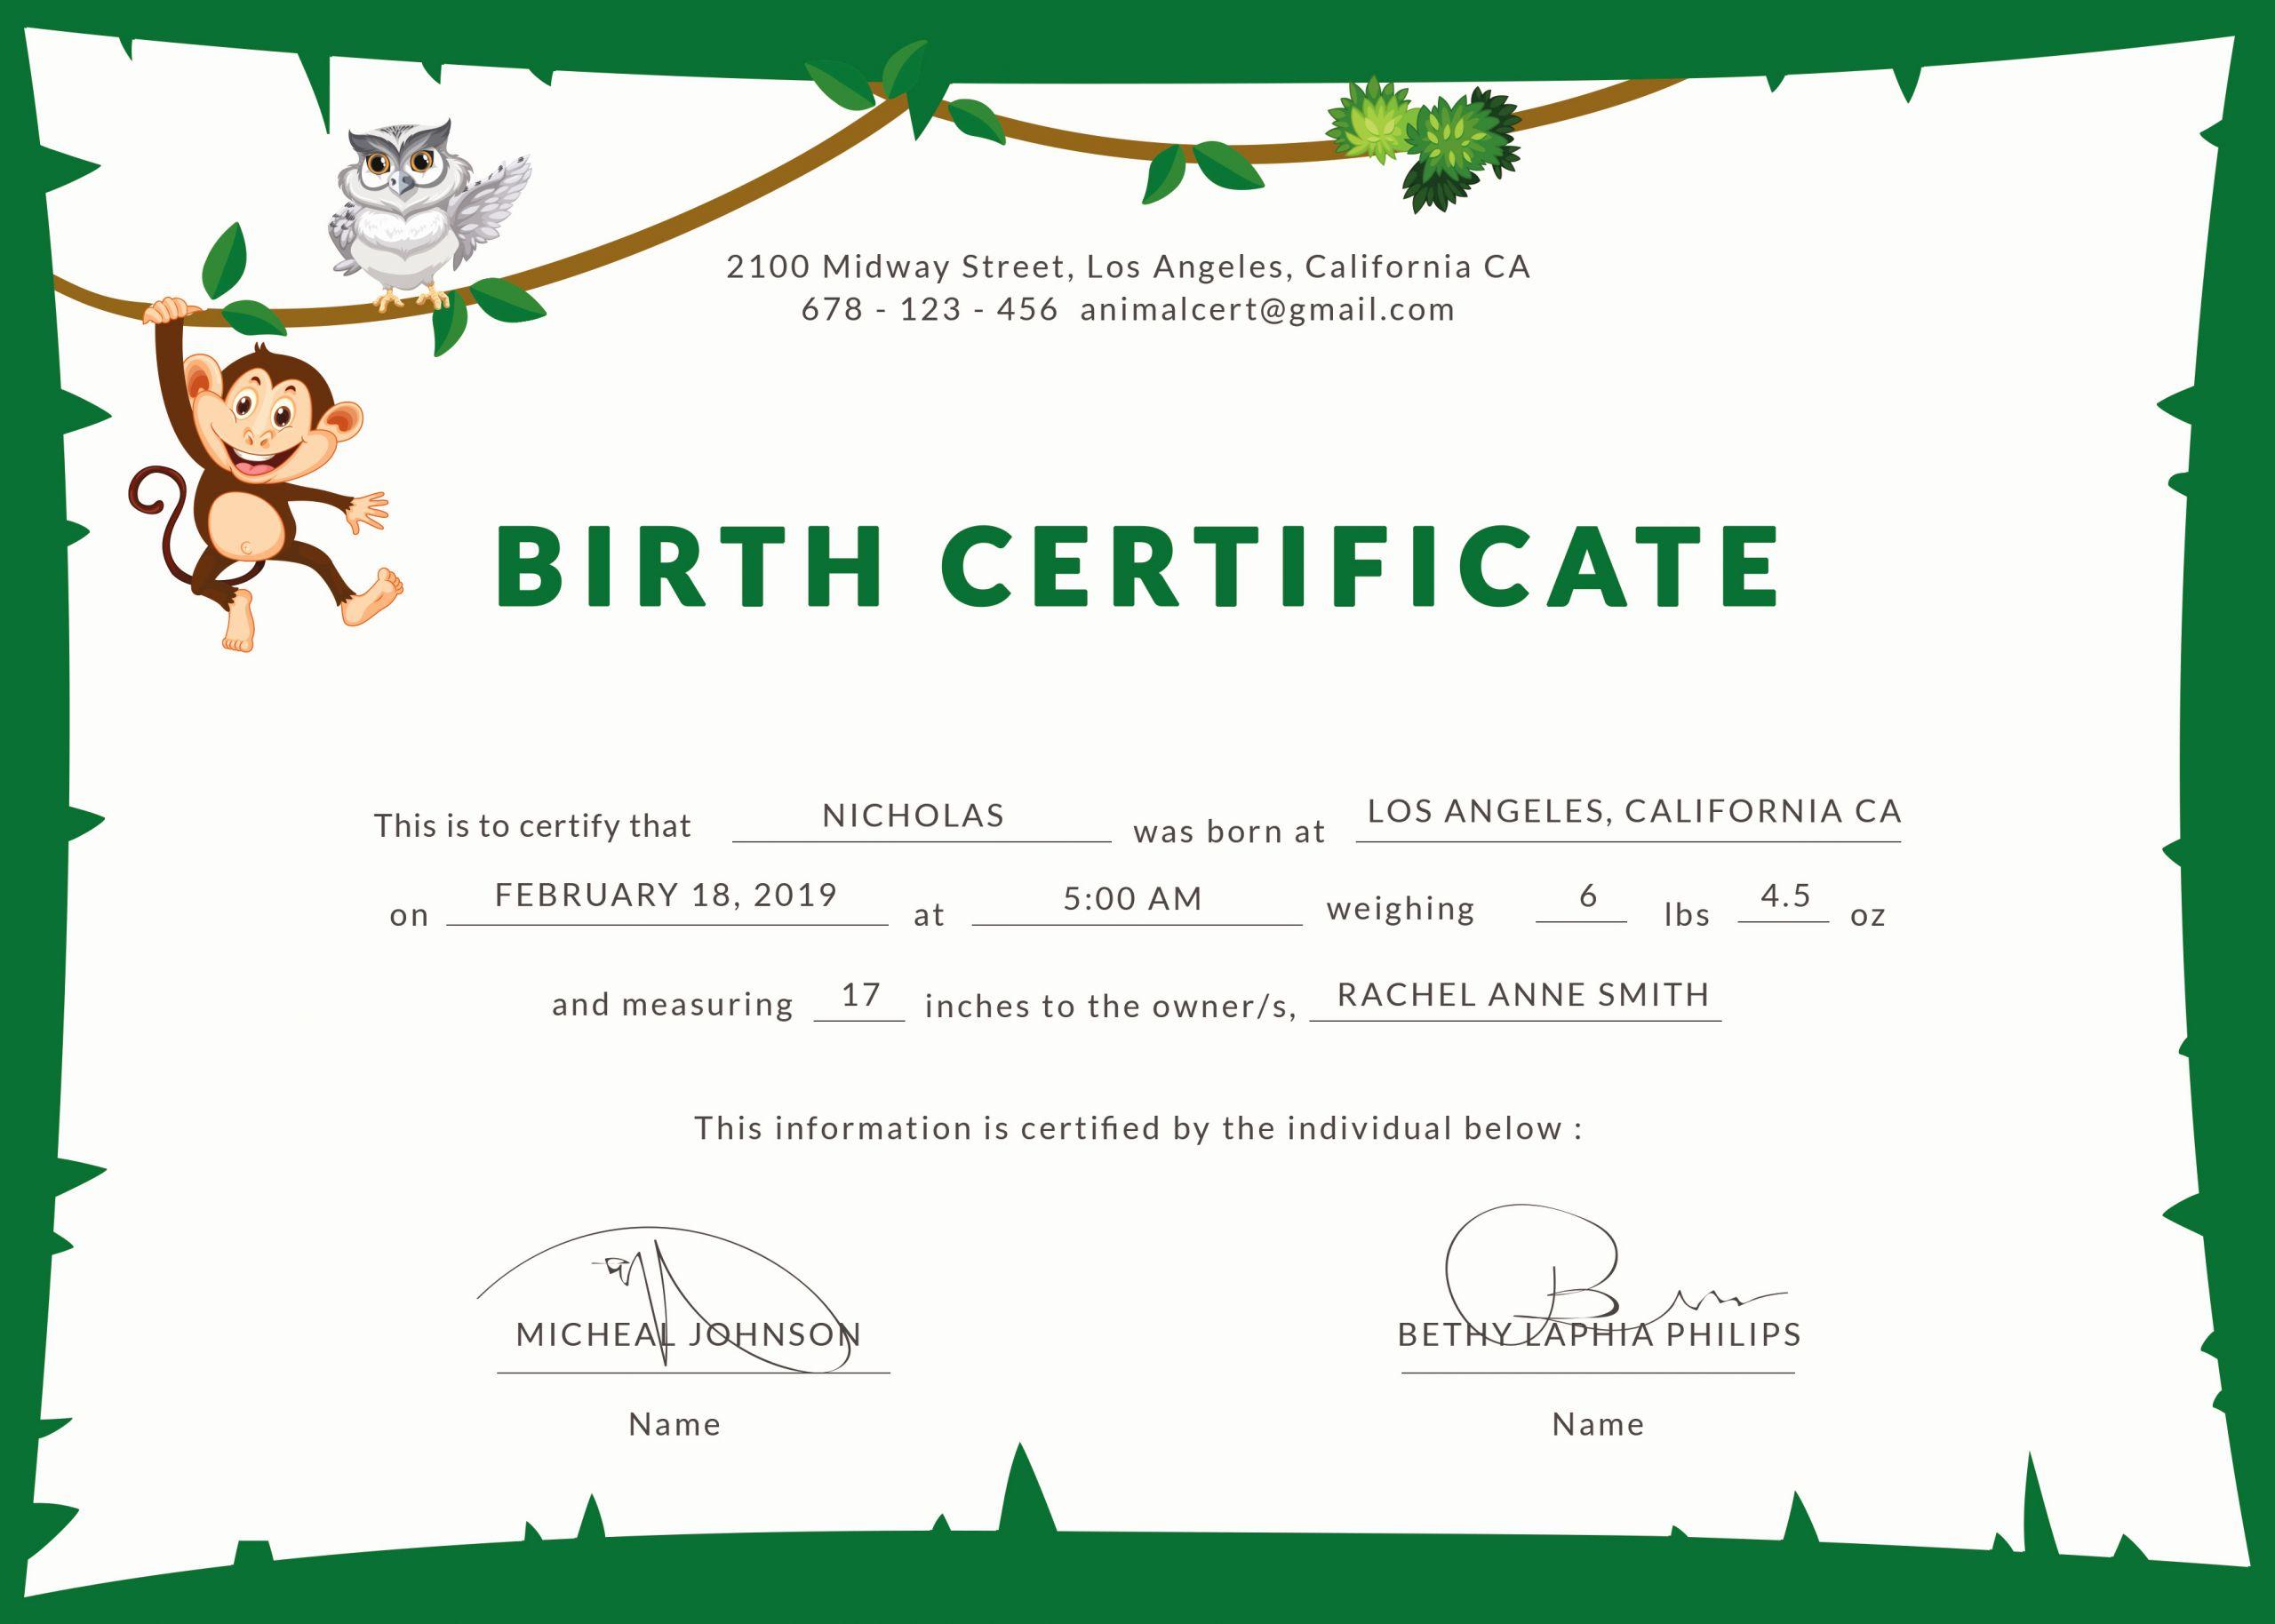 Birth Certificate Template Doc Beautiful Birth Certificate